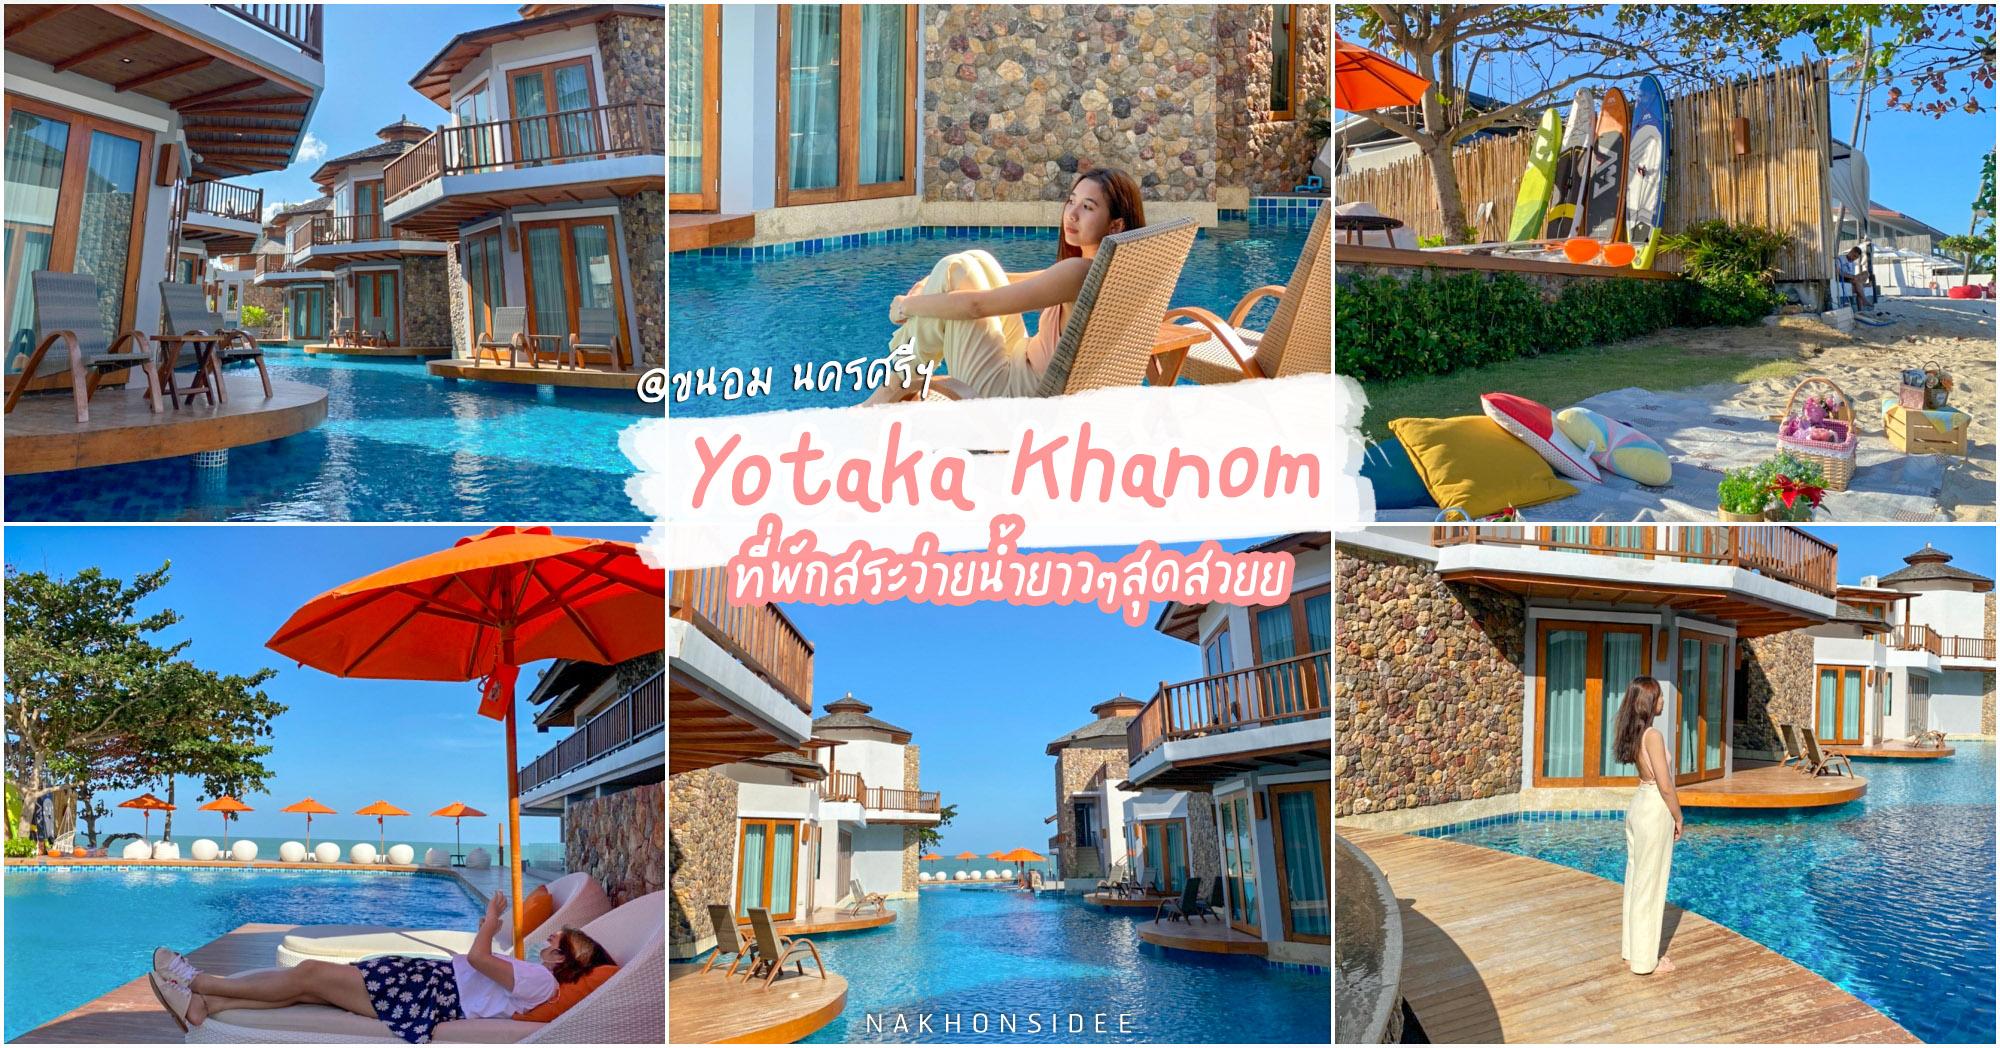 Yotaka at khanom สุดยอดโรงแรมแห่งสระว่ายน้ำ ริมทะเล นครศรีธรรมราช โยทะกา แอท ขนอม สวยมวากก